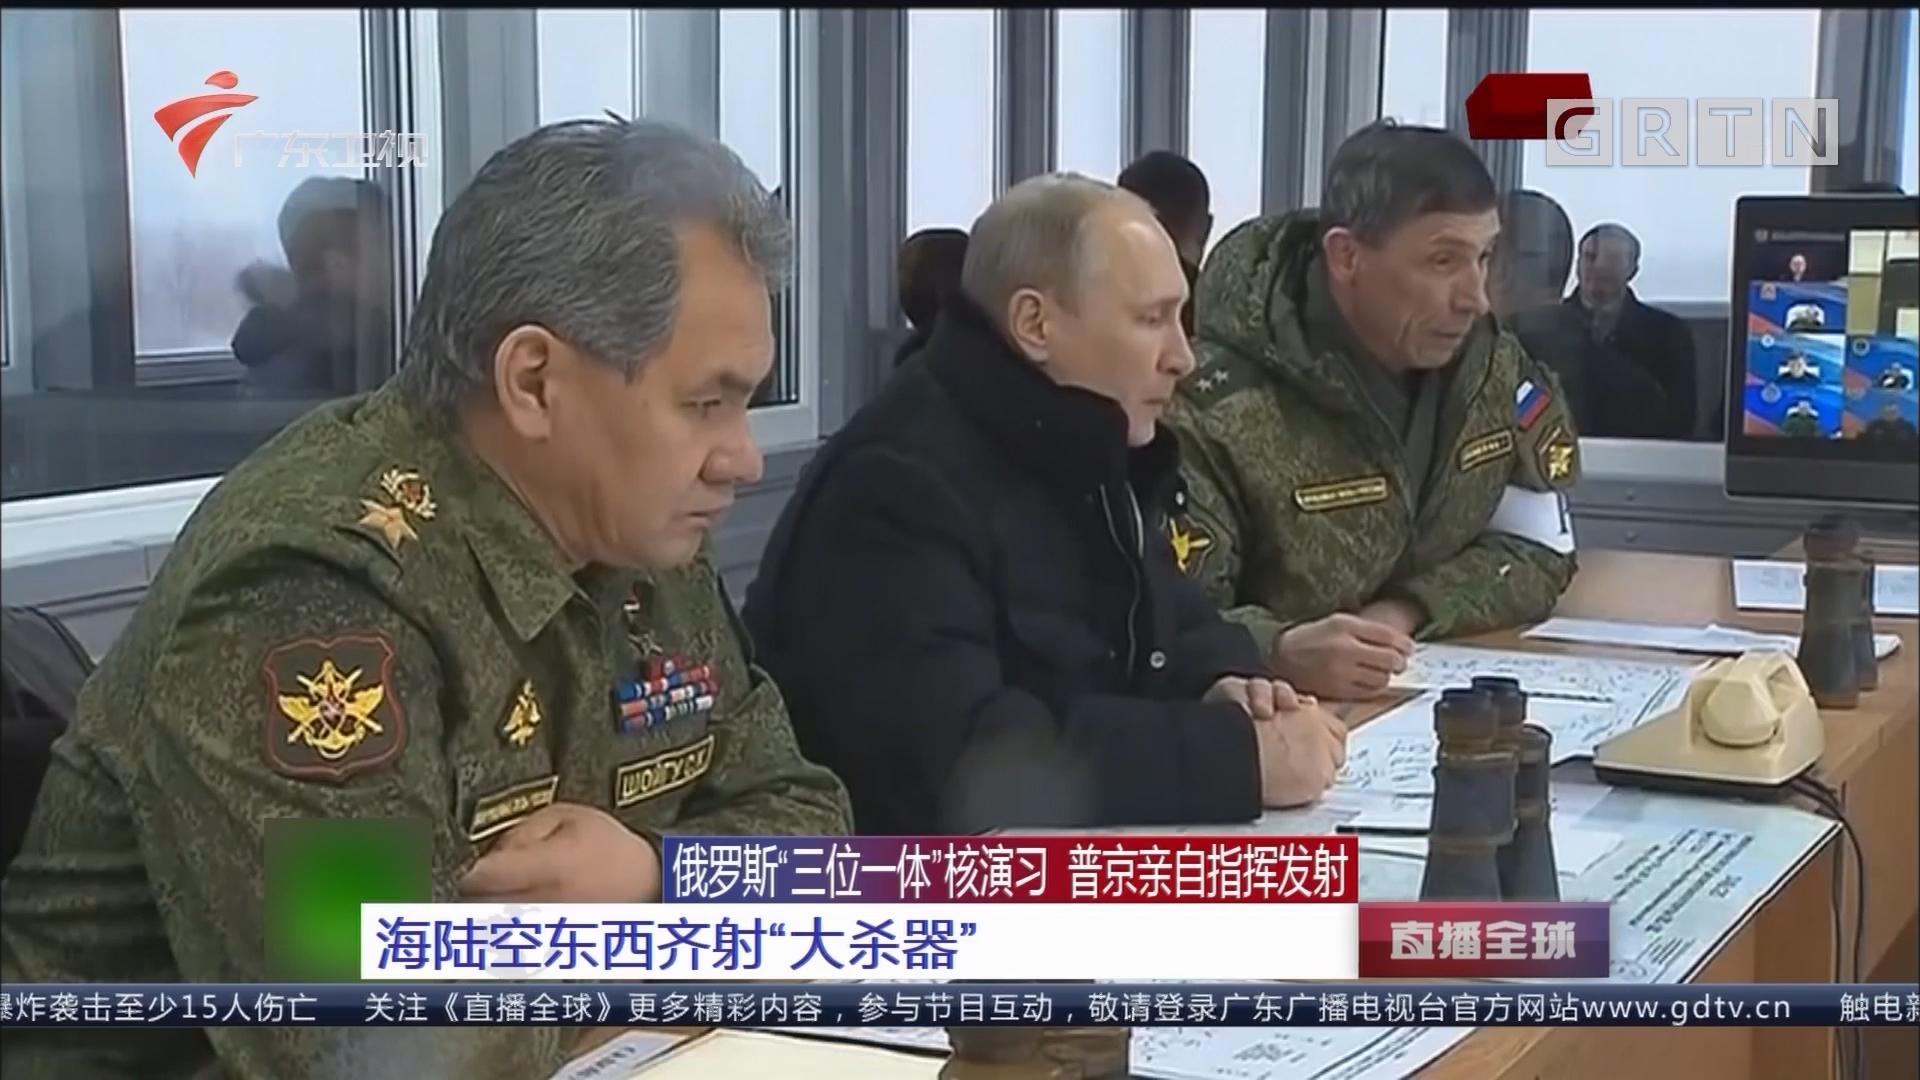 """俄罗斯""""三位一体""""核演习 普京亲自指挥发射 海陆空东西齐射""""大杀器"""""""